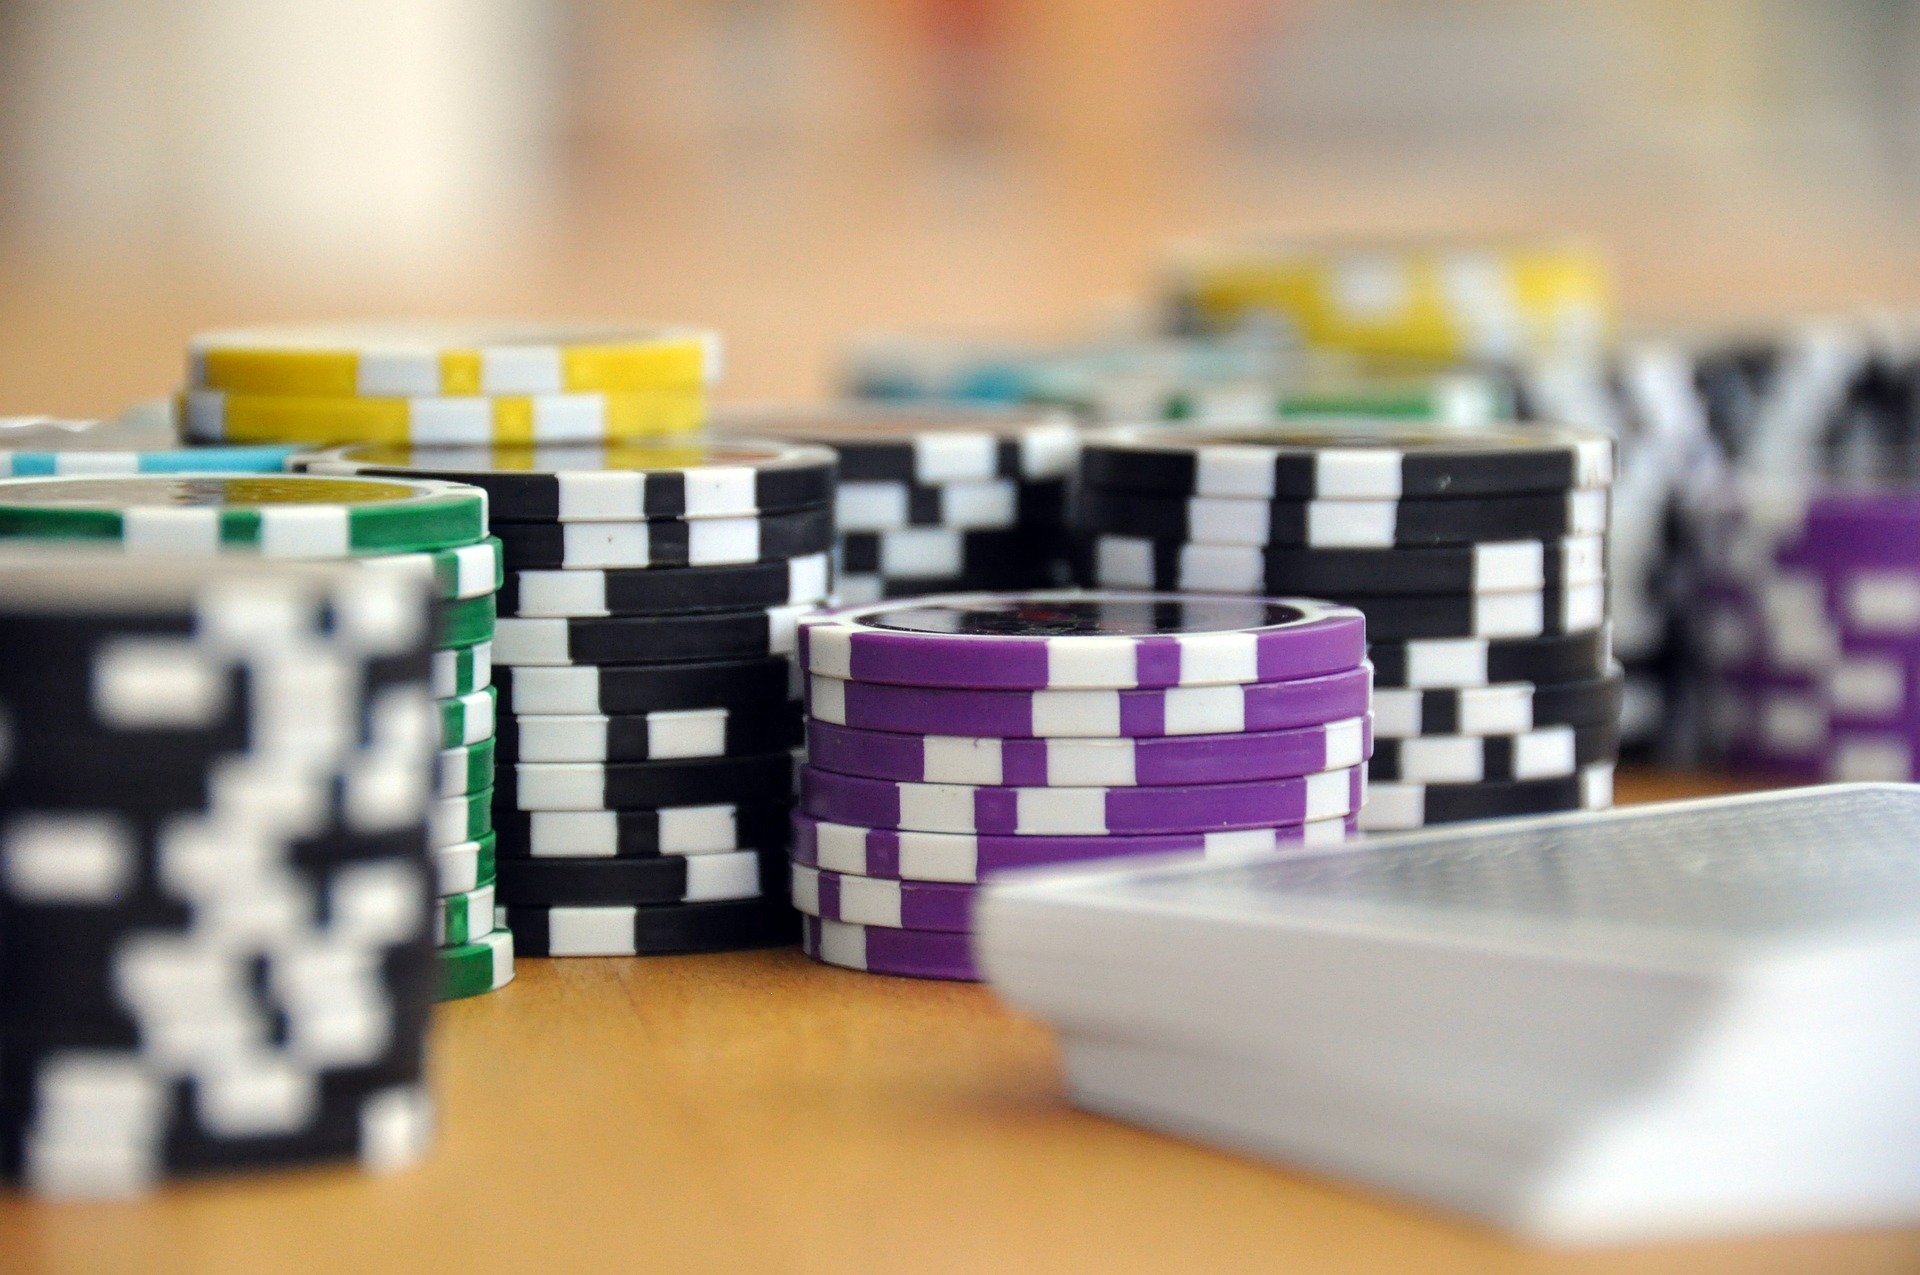 选项卡, 游戏, 赌场, 字母, 扑克 - 高清壁纸 - 教授-falken.com